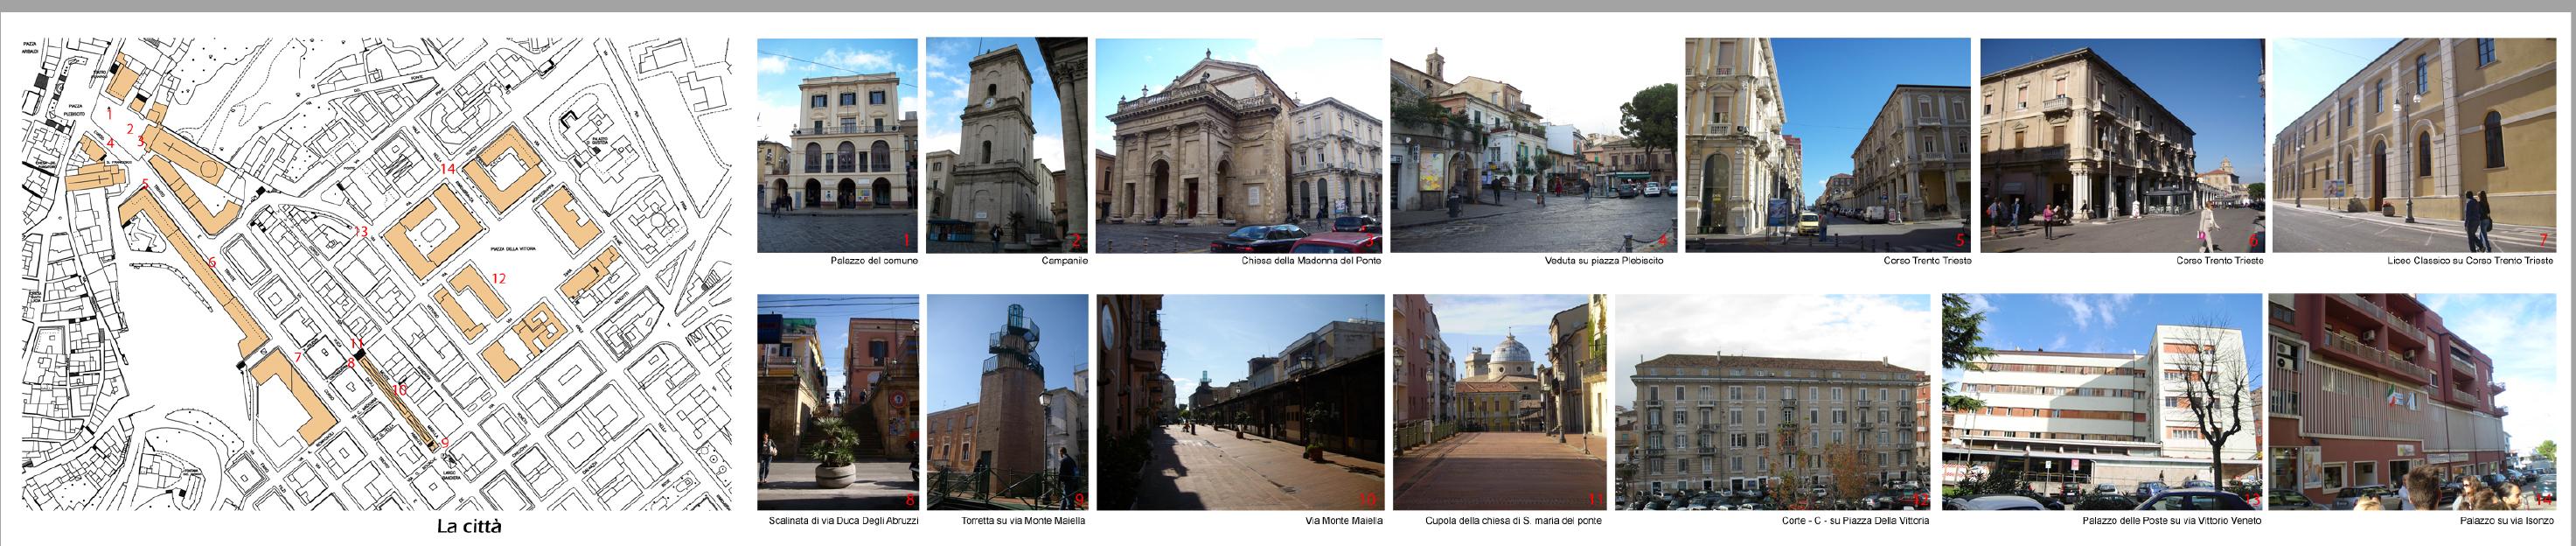 Di architettura | sezione patrimonio architettonico facoltà di